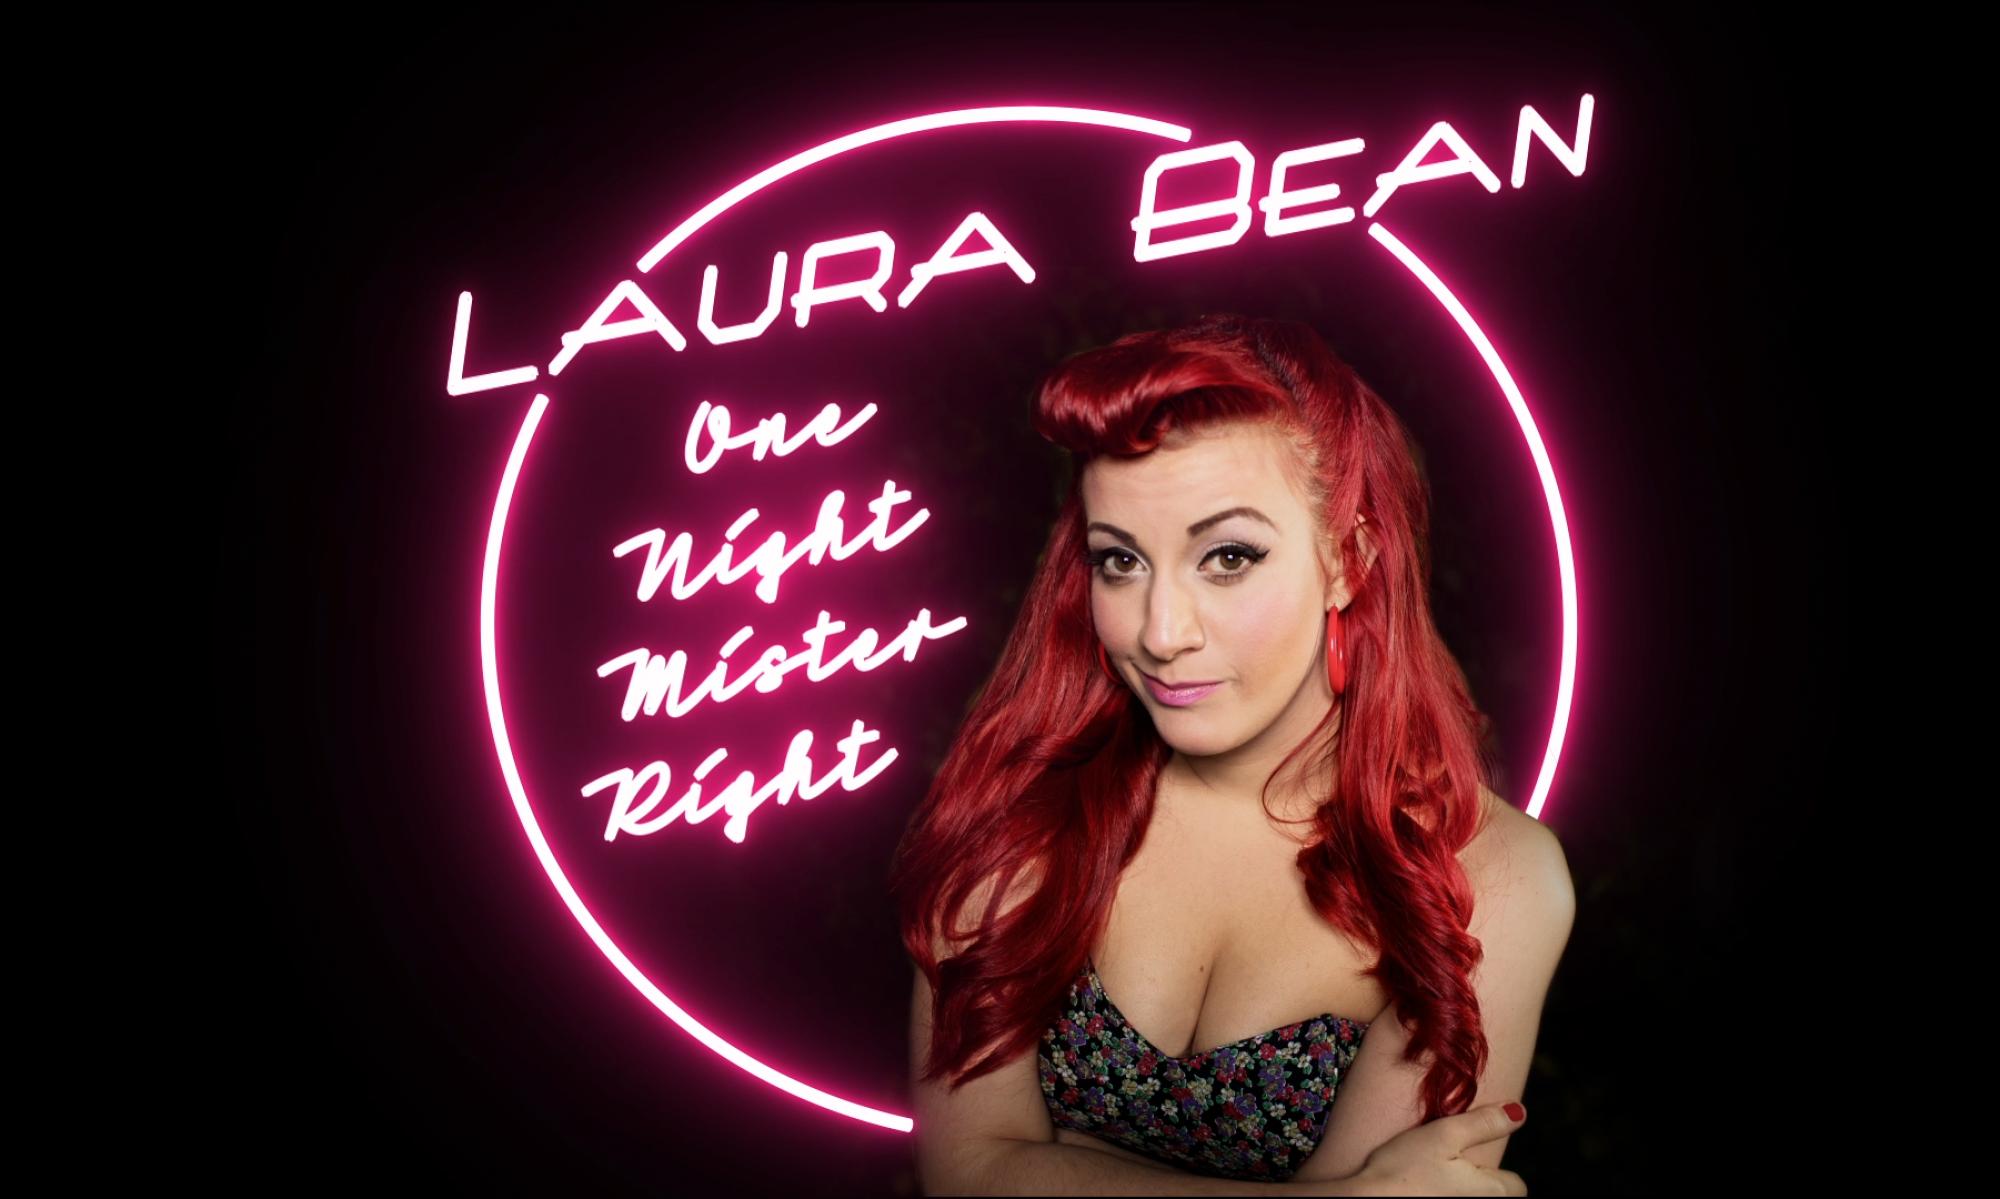 Laura Bean